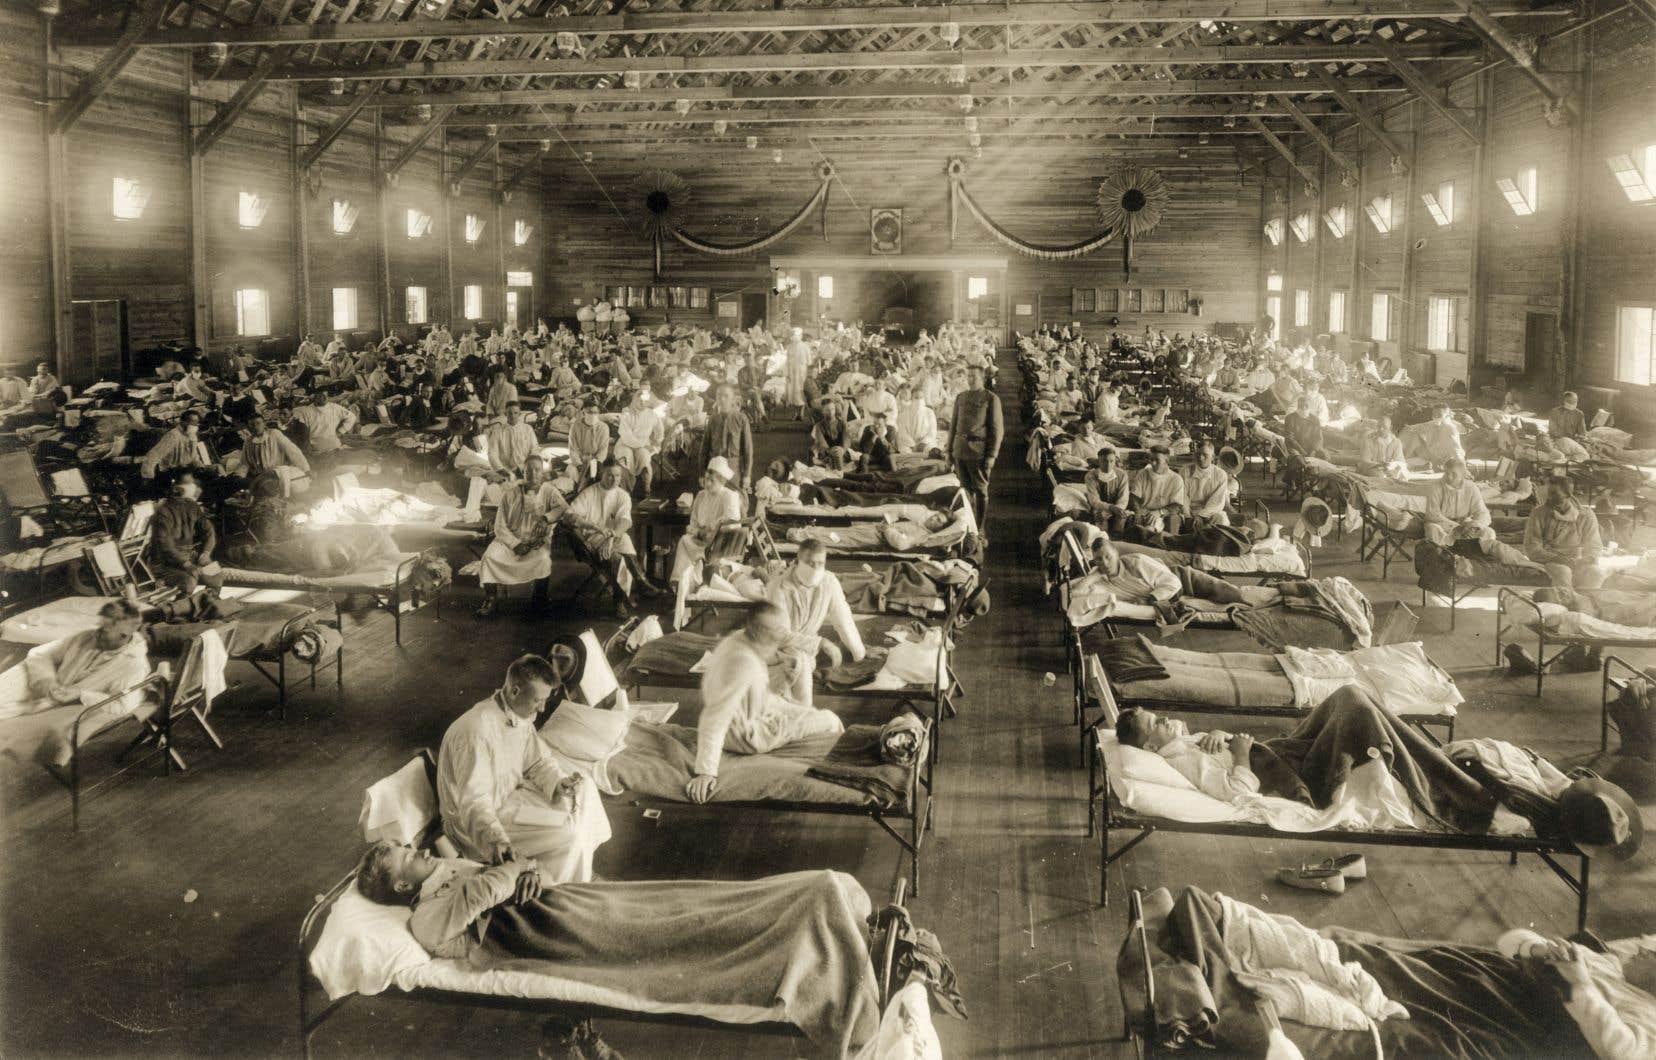 «Plus près de nous, la grippe espagnole (1918-1919) a tué environ 50millions de personnes dans le monde, plus que la Première Guerre mondiale», écrit l'auteur.